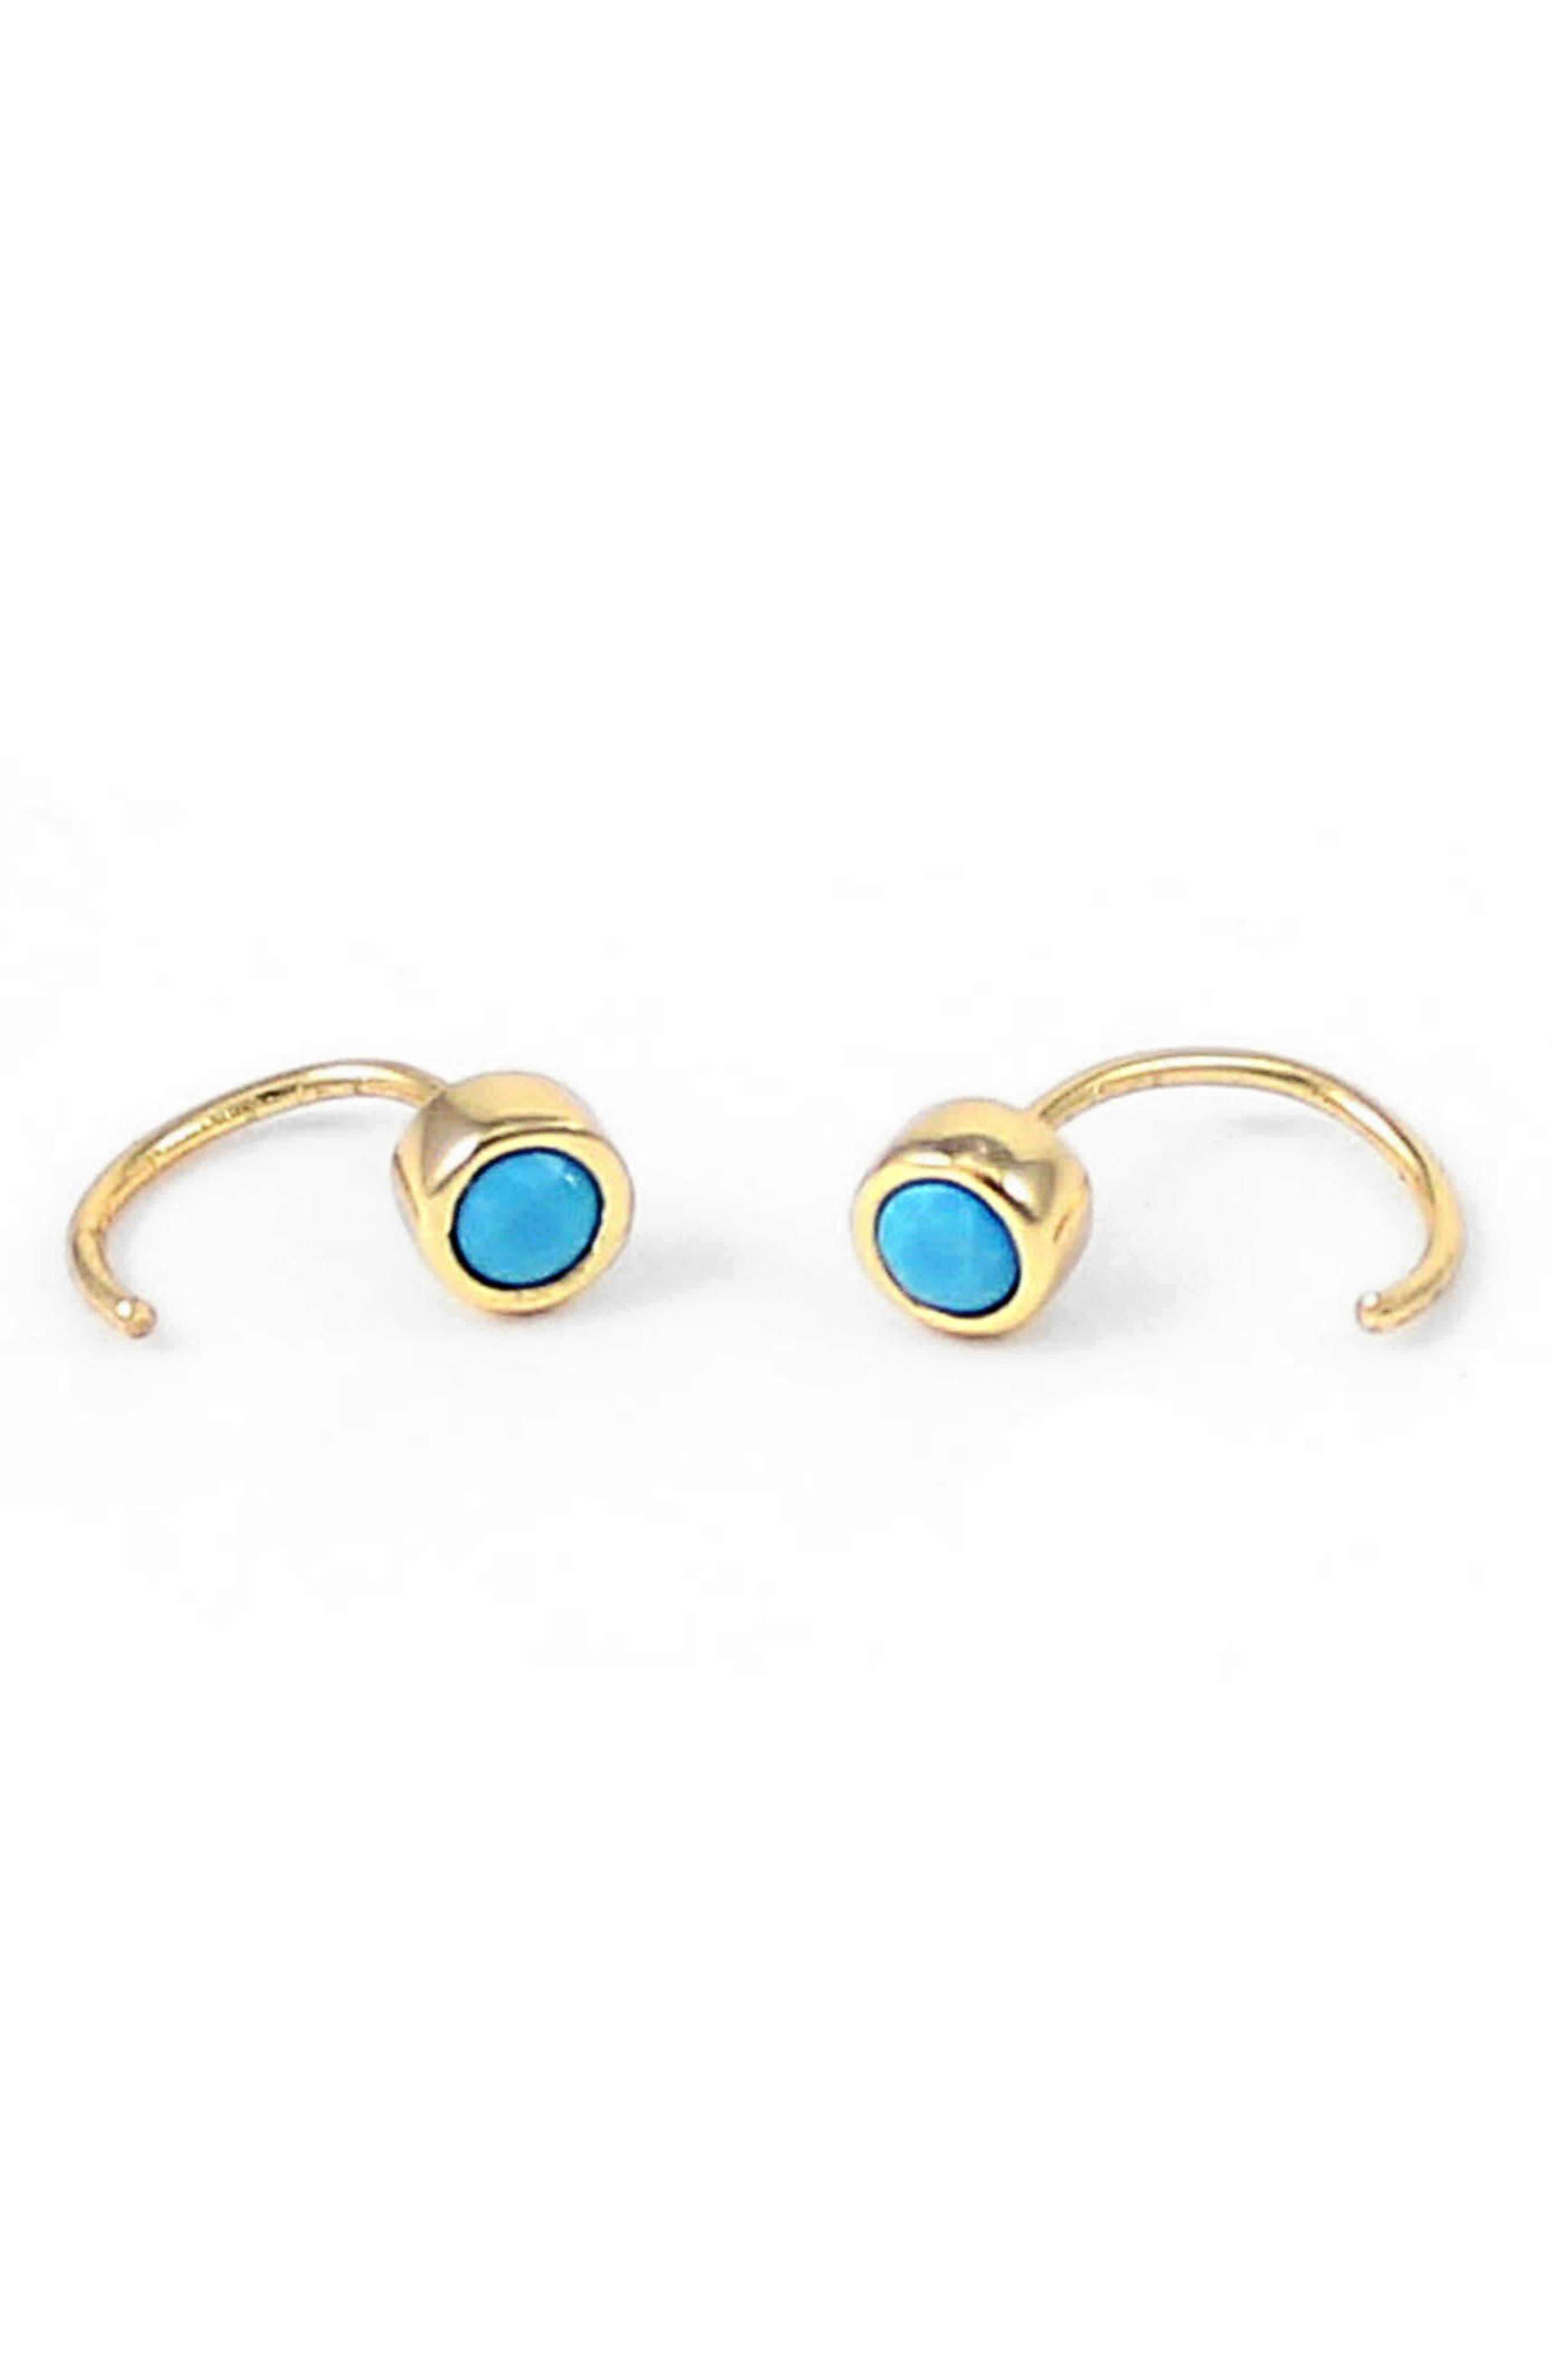 Alternate Image 1 Selected - Kris Nations Tiny Stone Hoop Earrings